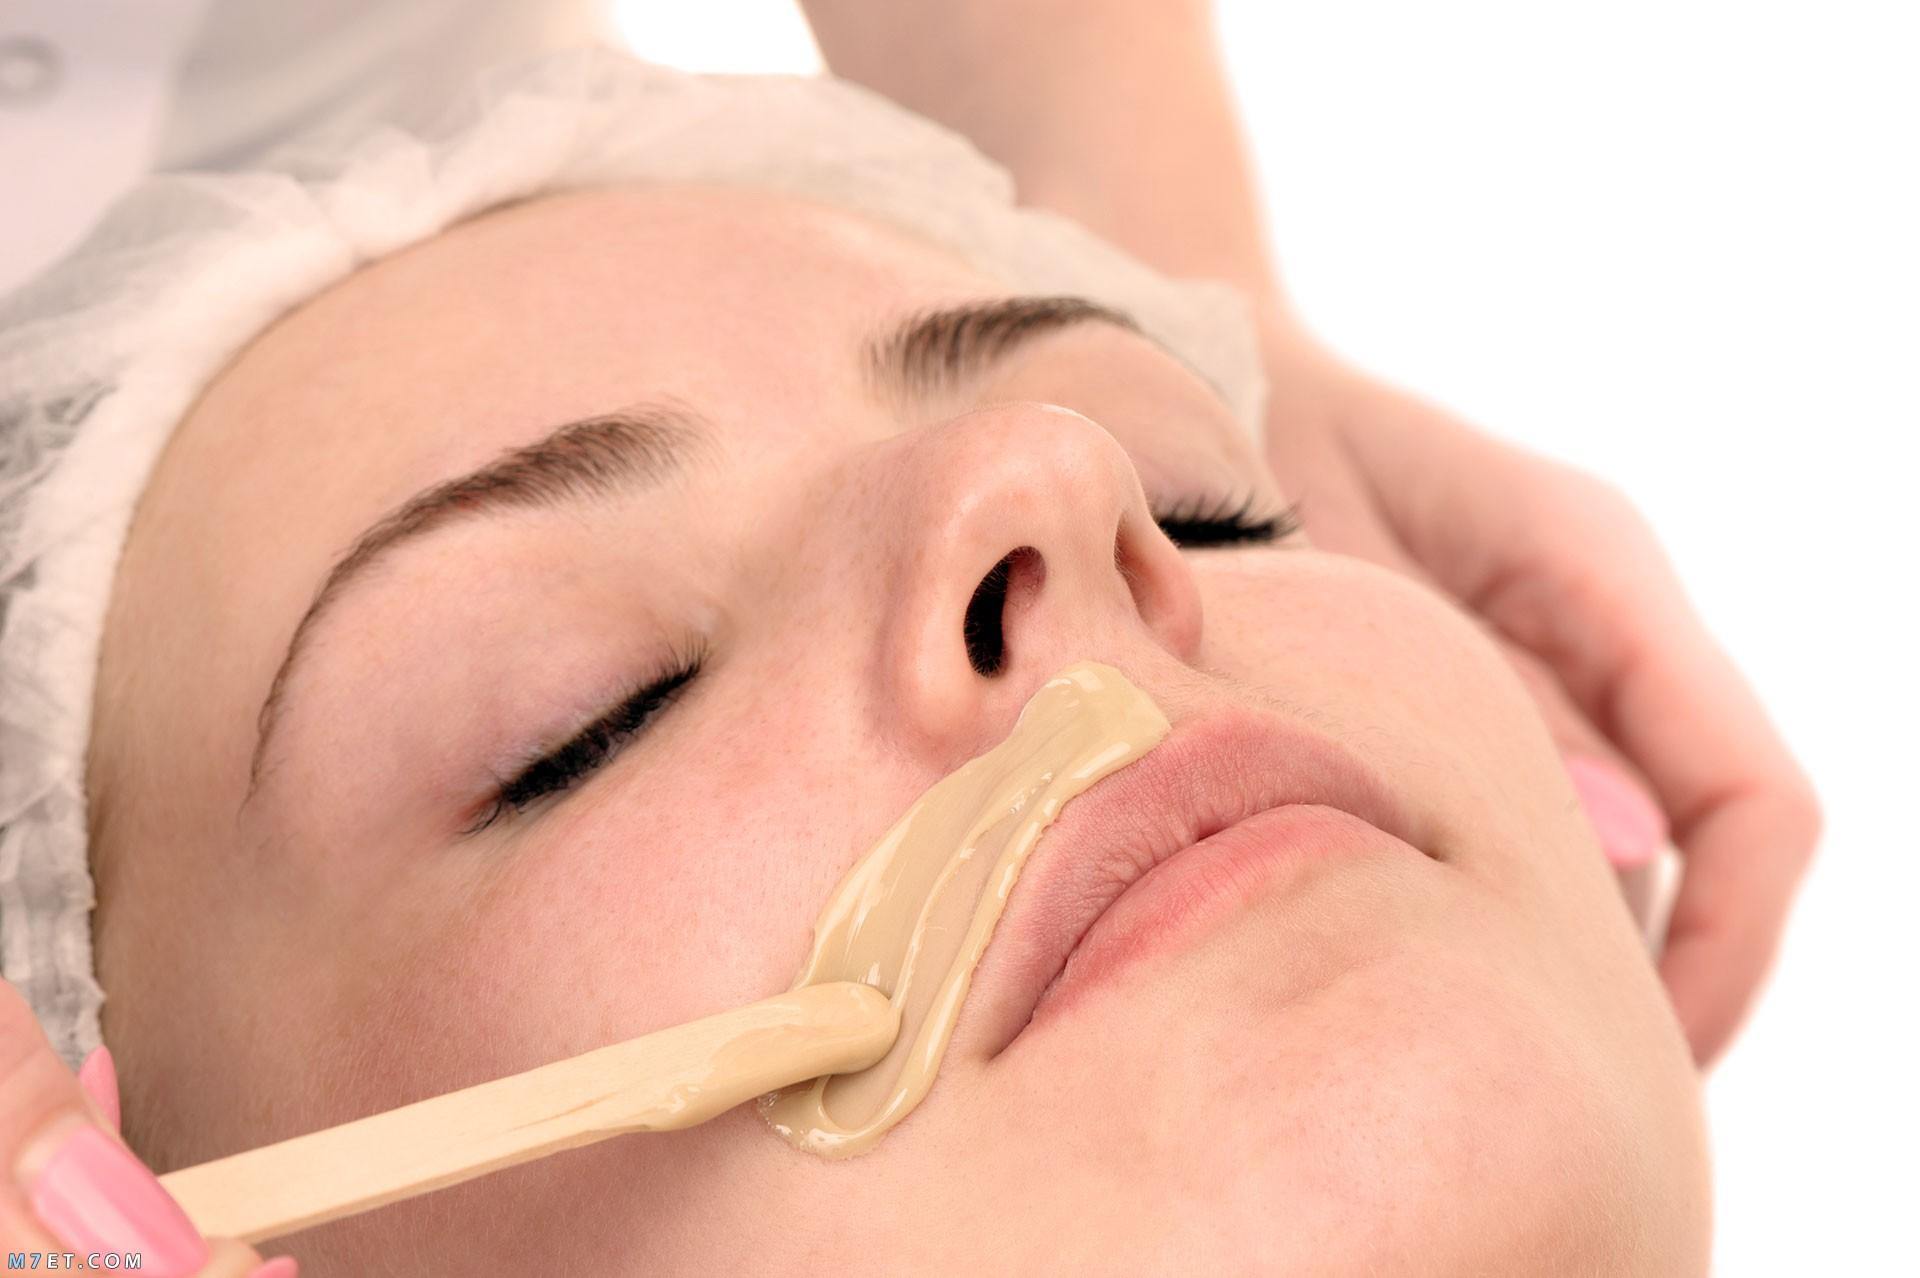 ما هي ابسط طريقة لازالة شعر الوجه